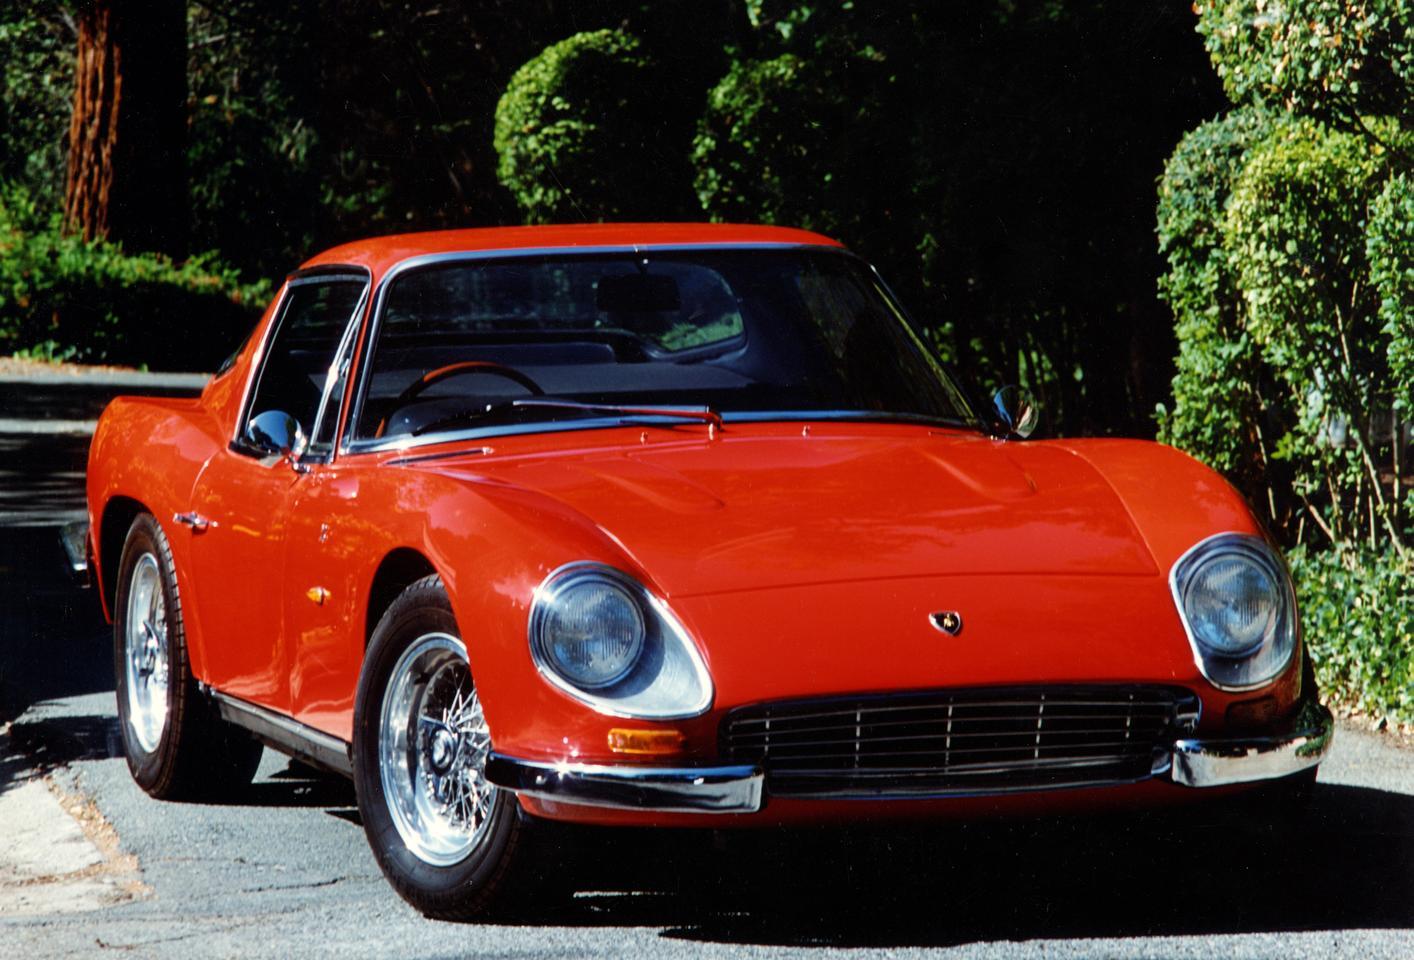 The 1965 Zagato-designed 3500 GTZ was built on the Lamborghini 350 GT